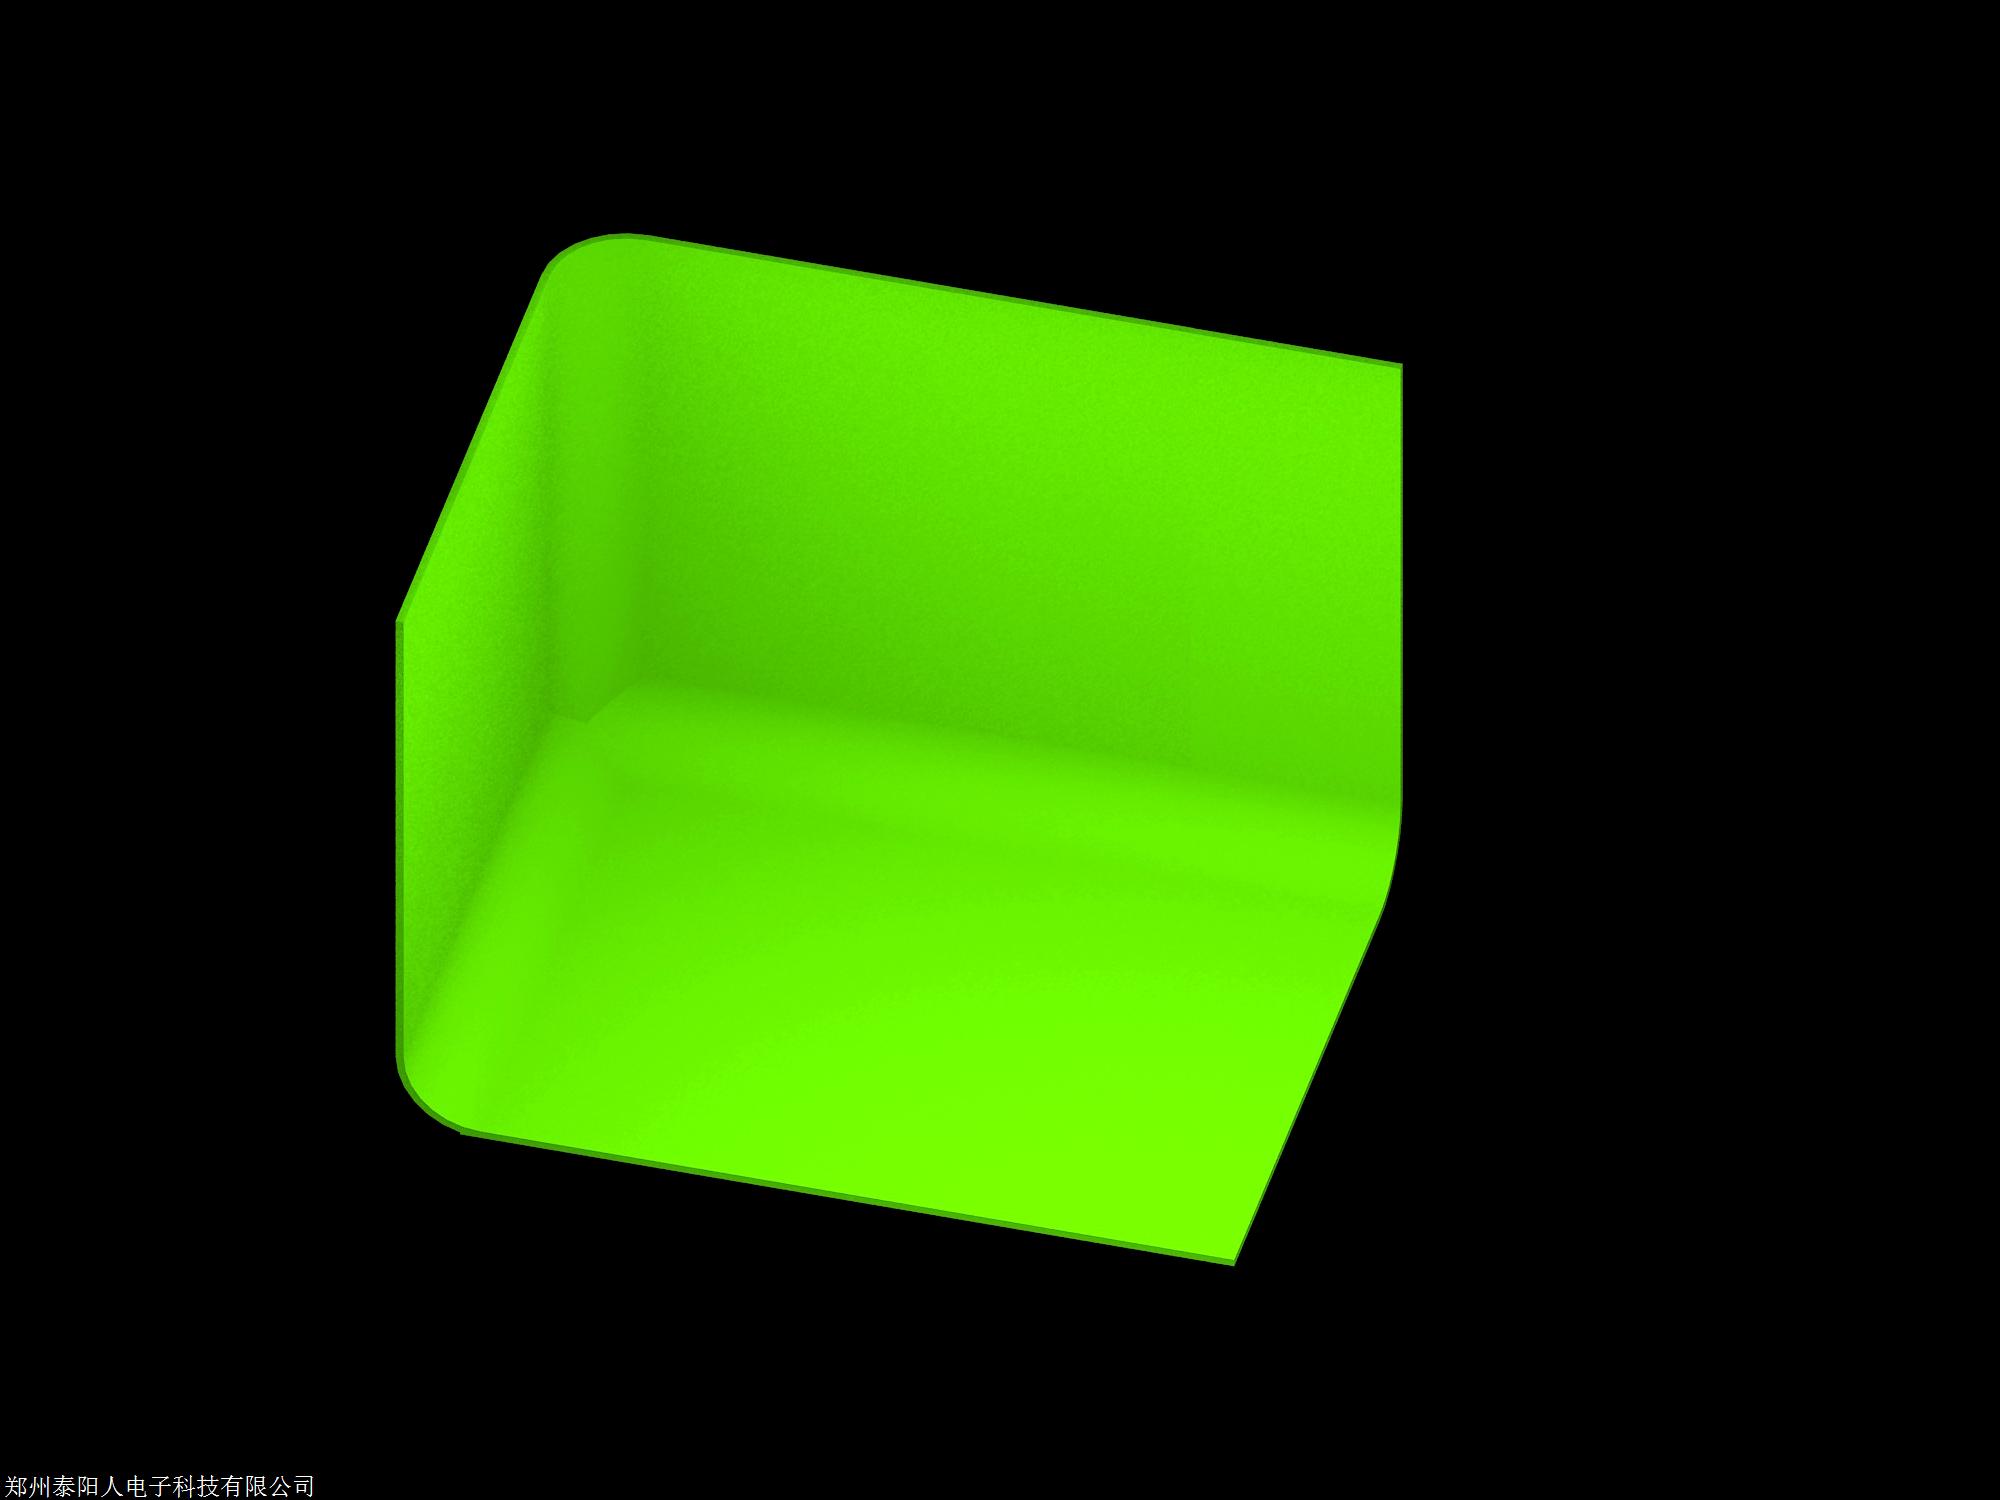 虚拟演播室抠像蓝绿箱方案(图3)